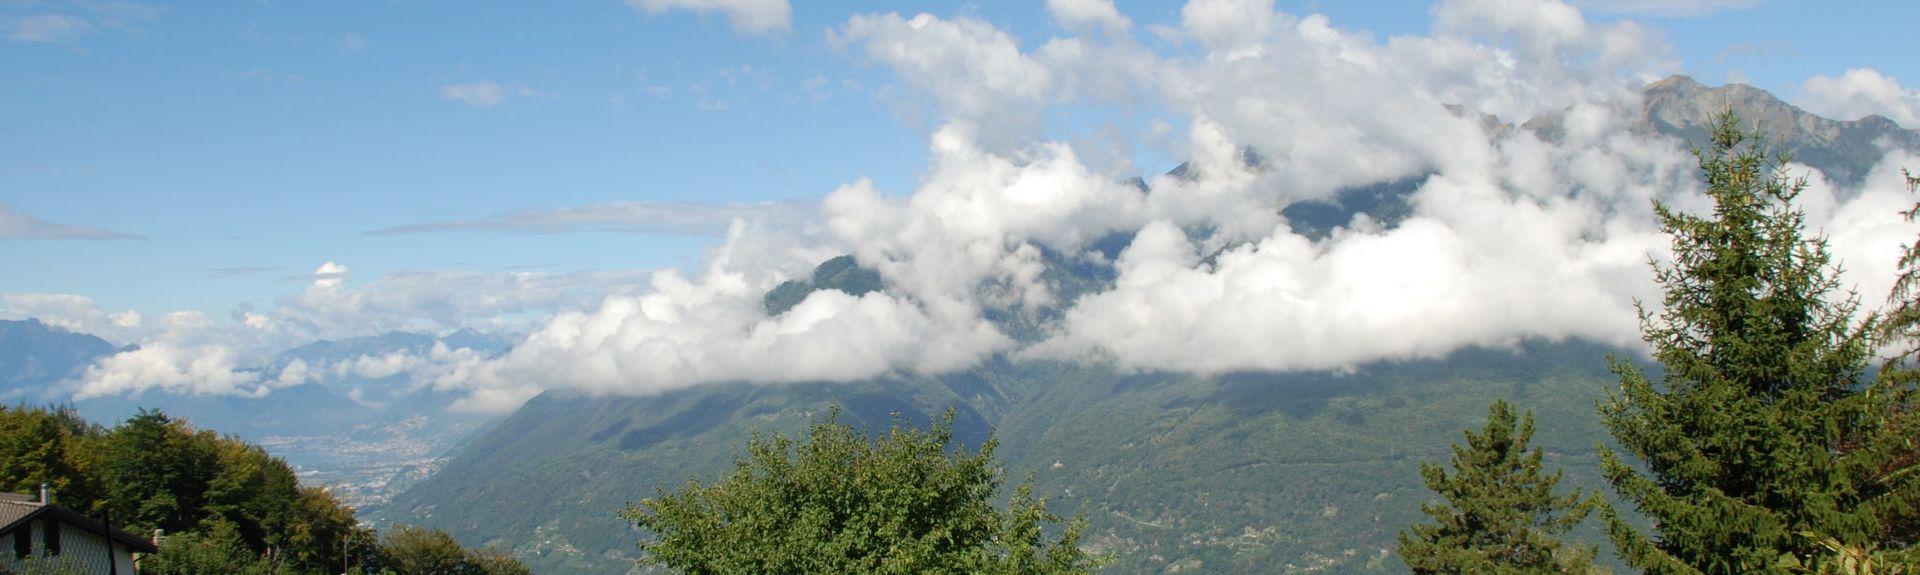 Roveredo, Switzerland